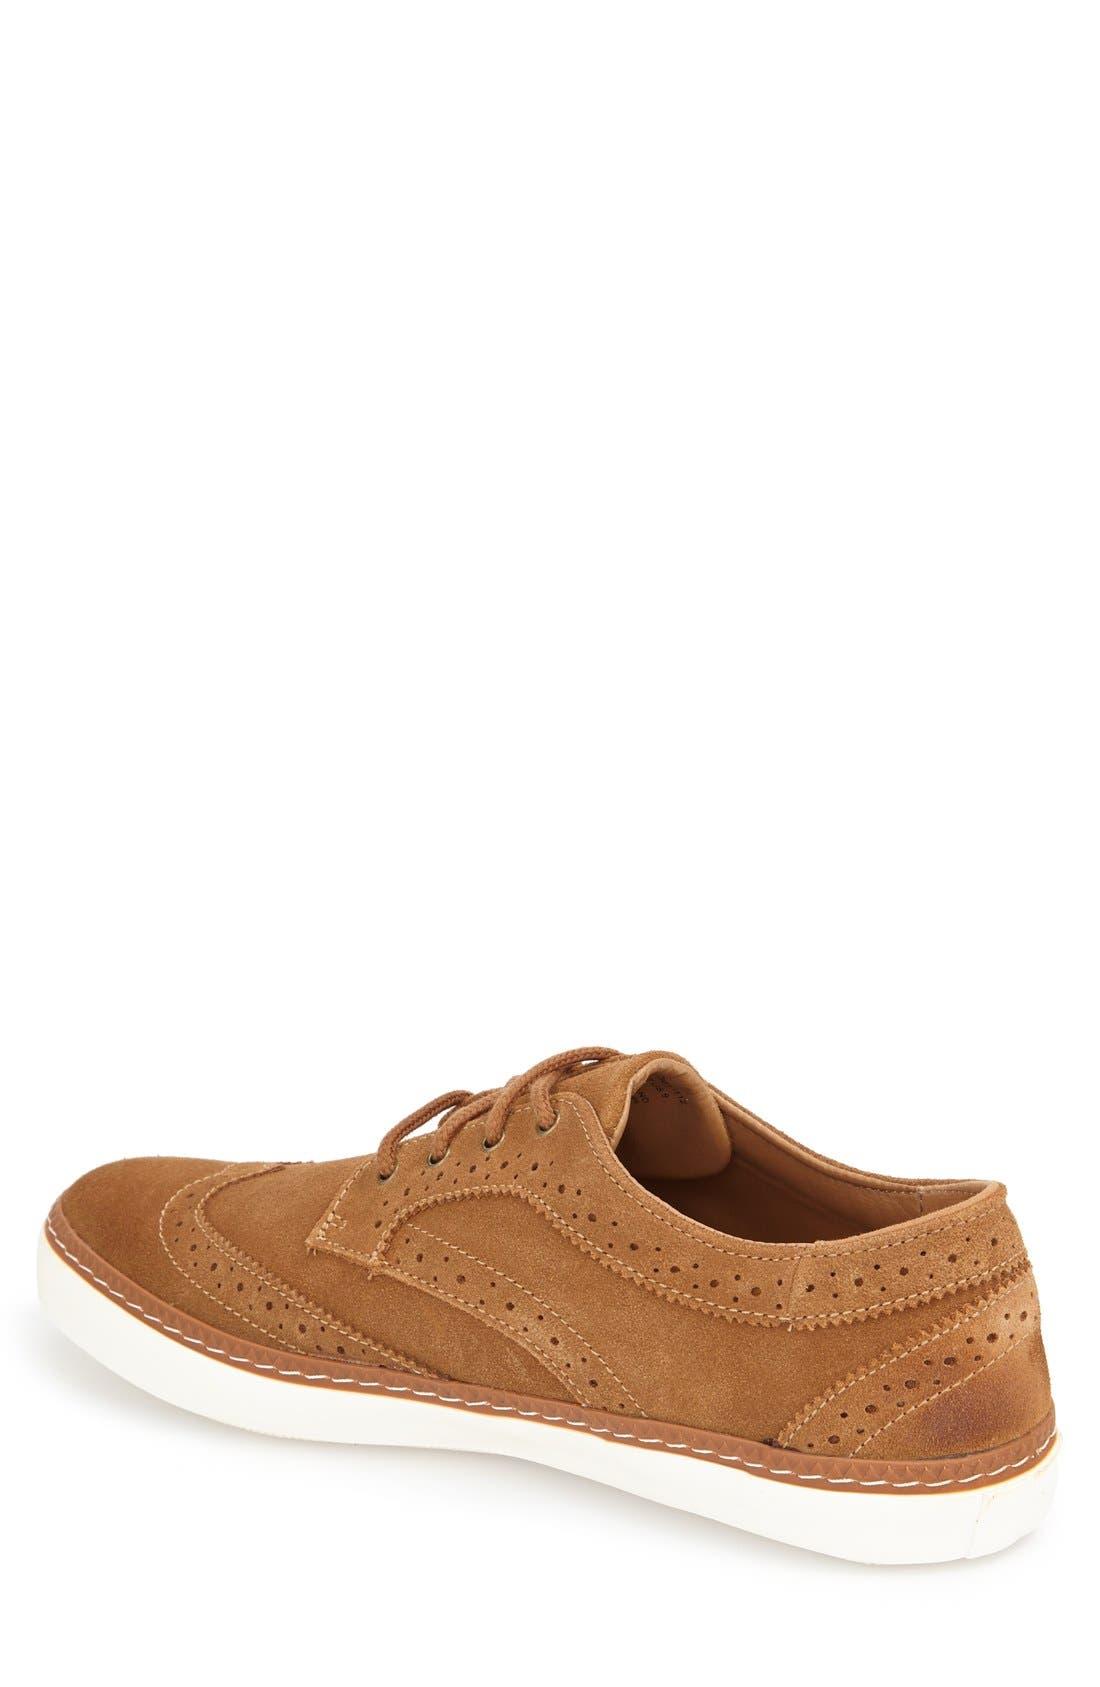 'Novello' Wingtip Sneaker,                             Alternate thumbnail 2, color,                             Daschund Suede